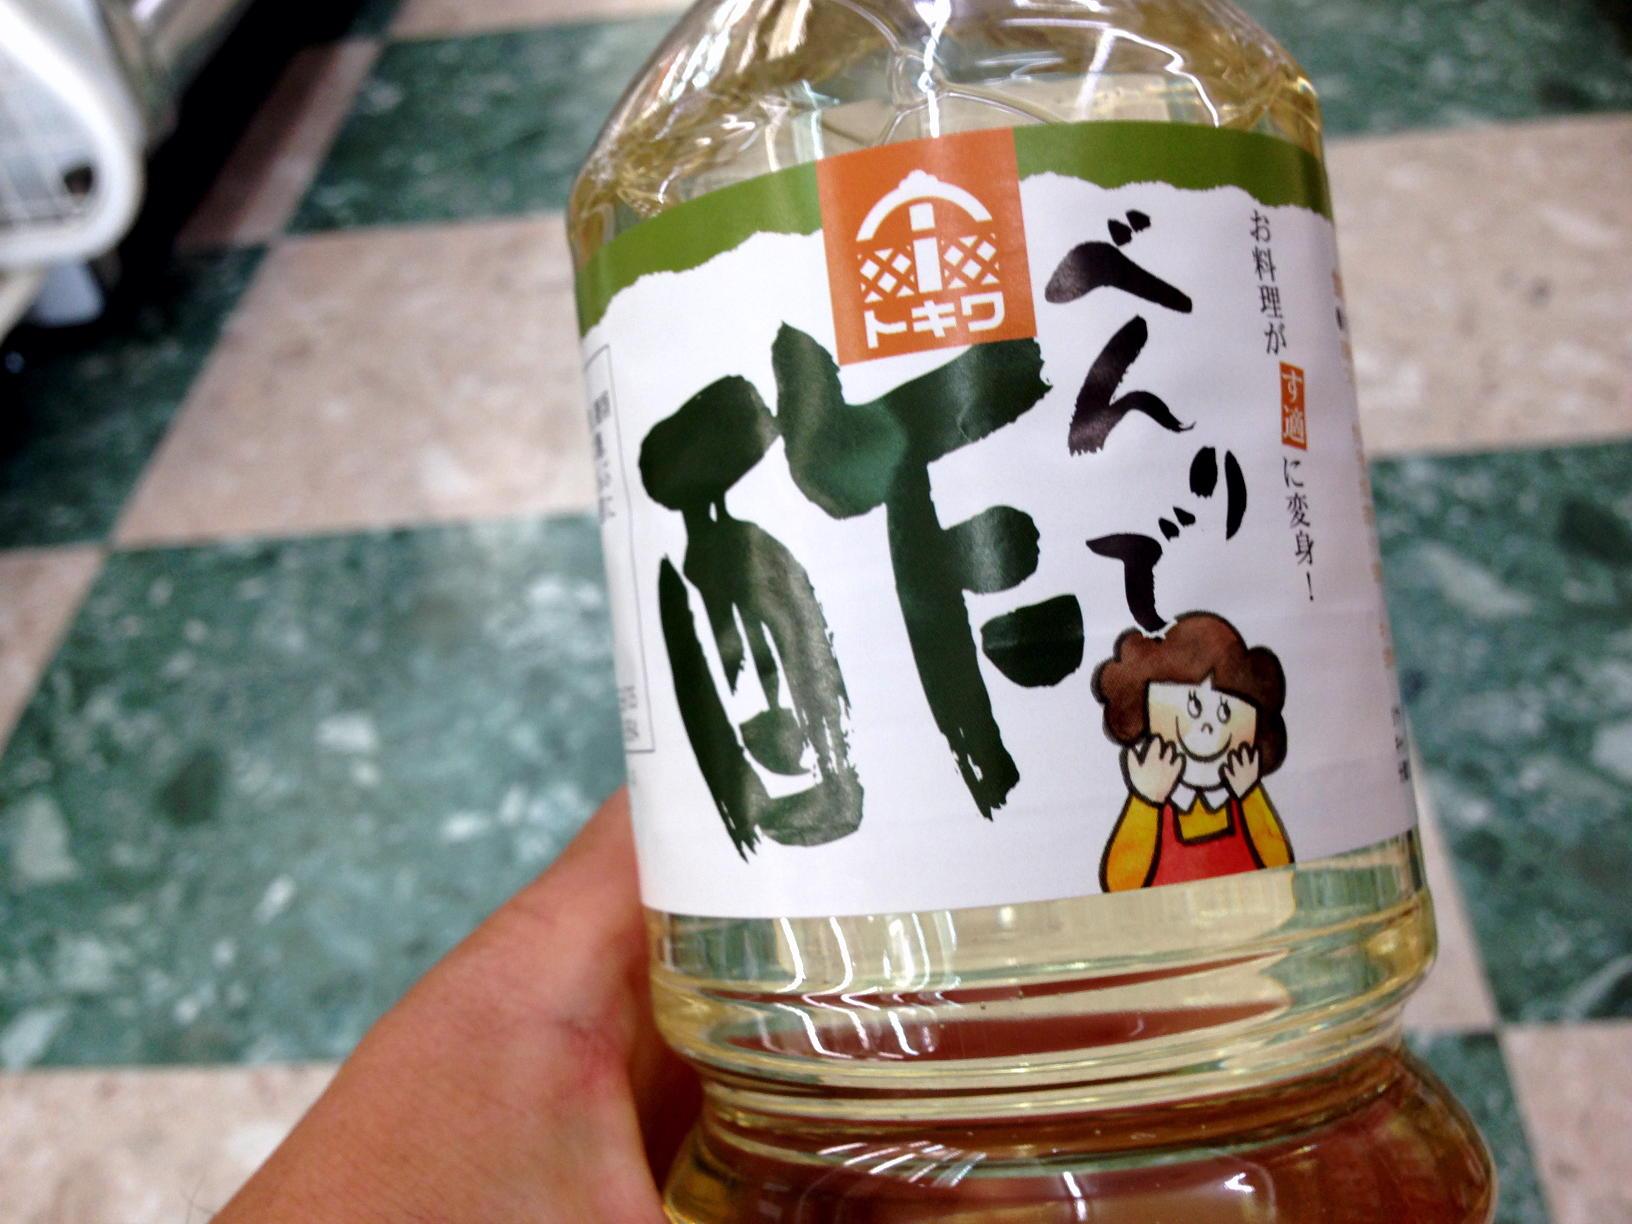 これは美味しい&便利♪香住のトキワさんの『べんりで酢』